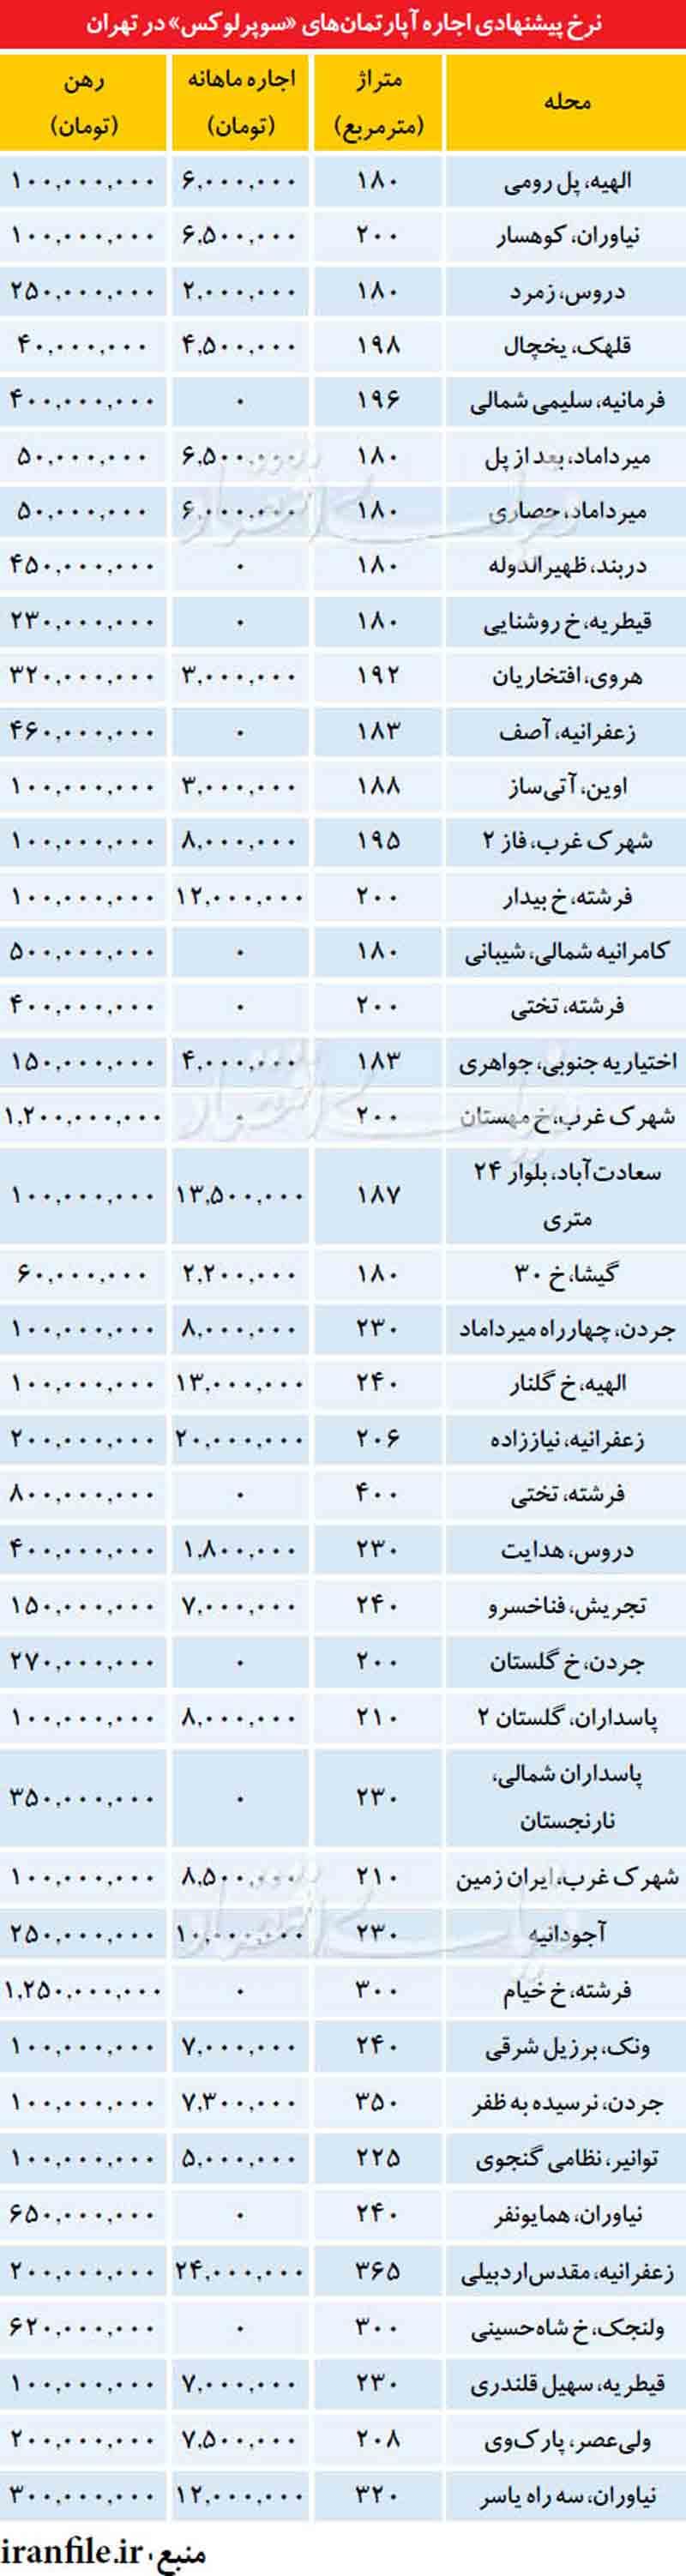 جدول آماری مبلغ اجاره ساختمان در مناطق مختلف تهران